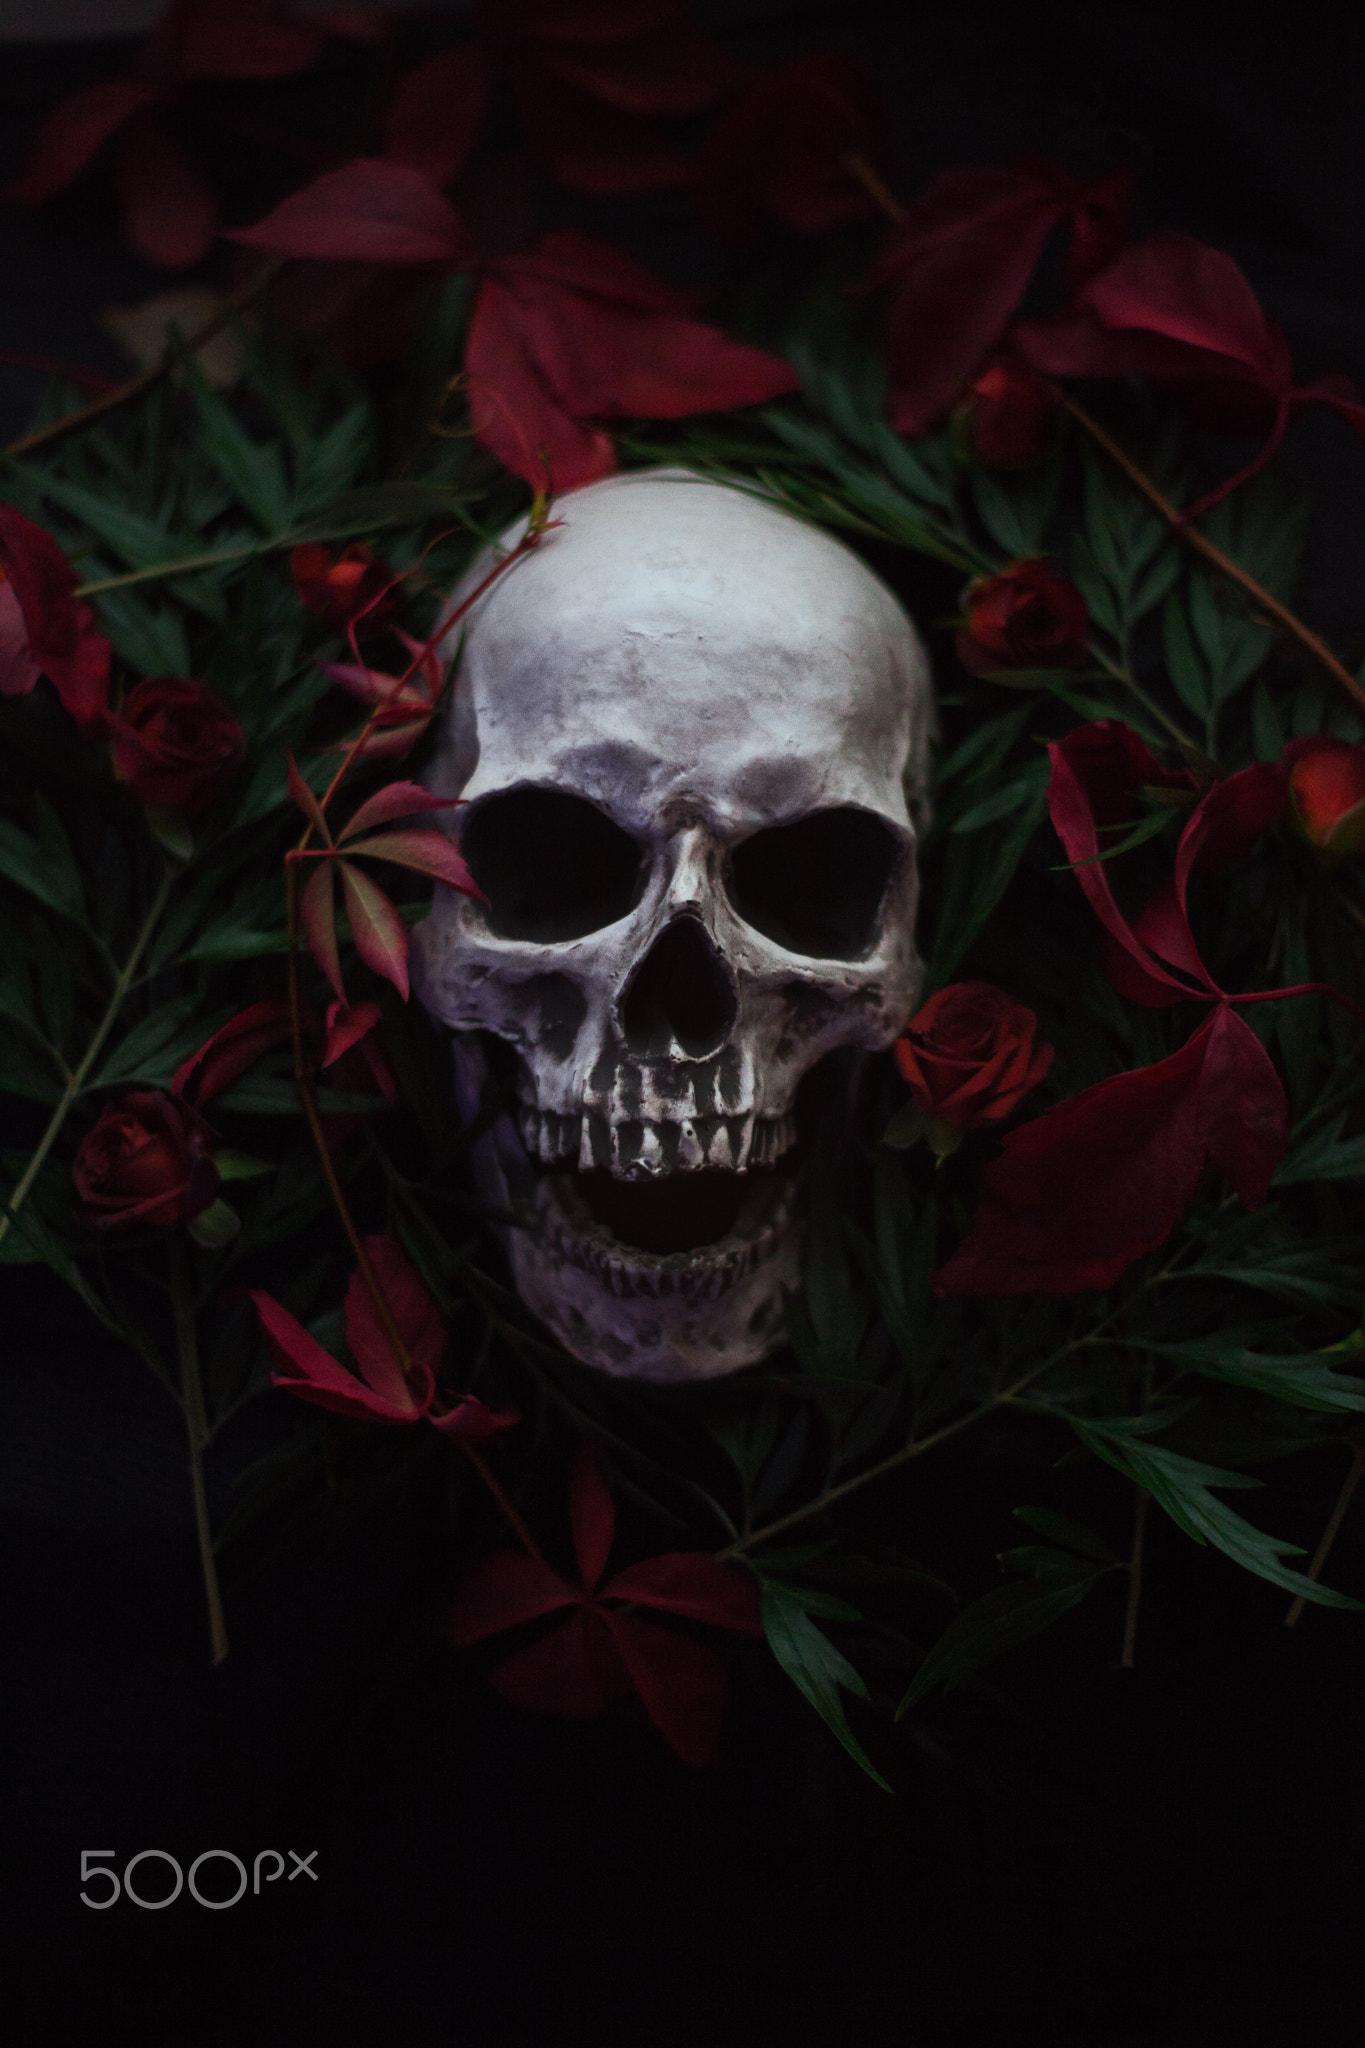 радостью фотографии череп с цветами солнечном узбекистане эту